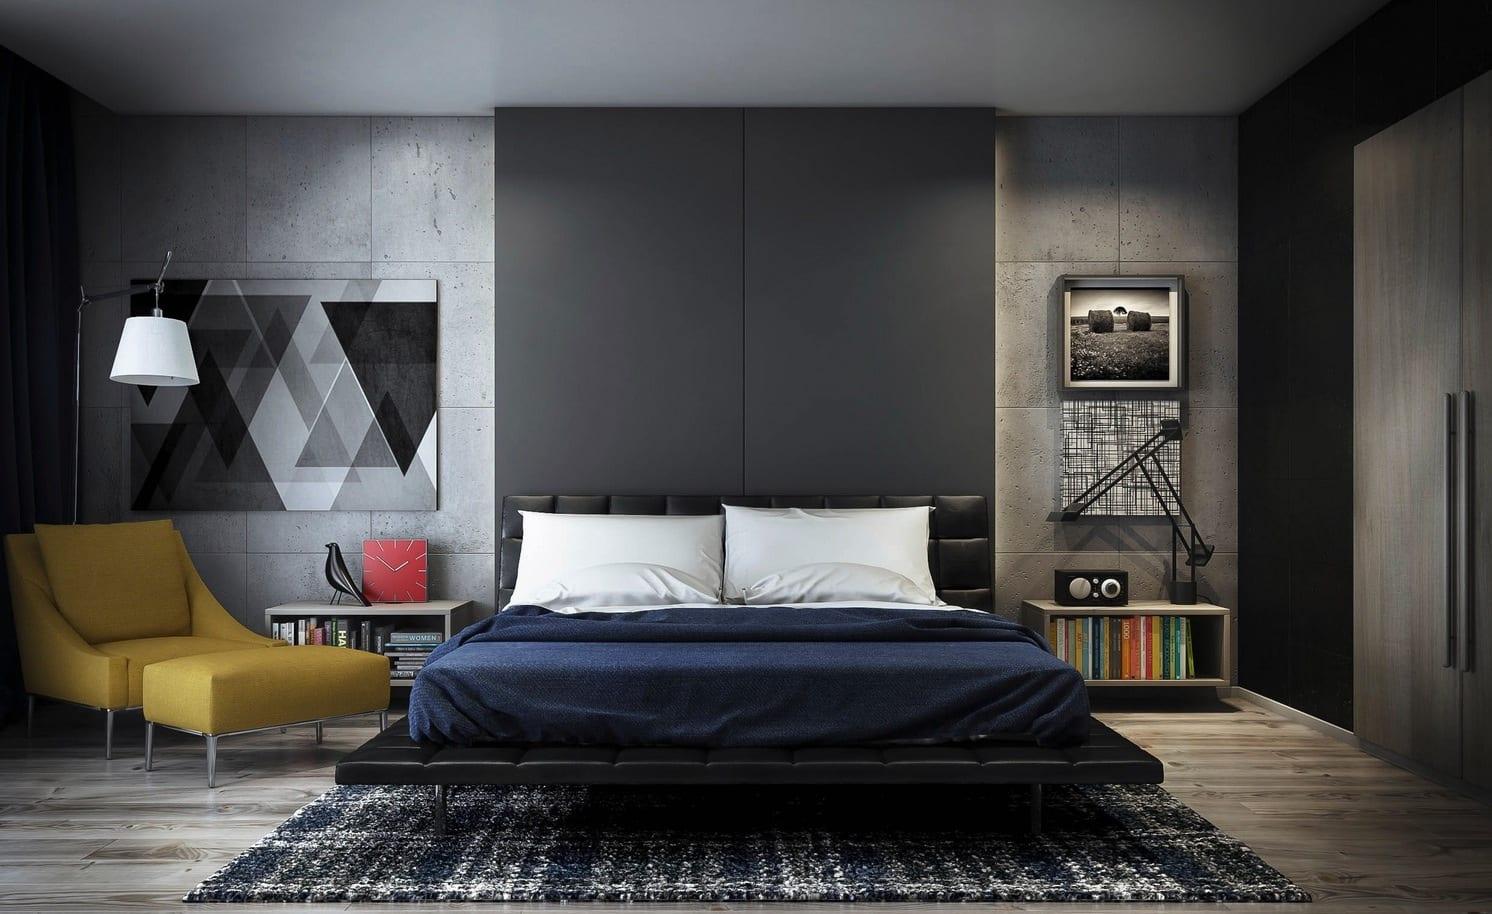 Modernes schlafzimmer grau  modernes interior aus beton-schlafzimmer grau mit sichtbetonwänden ...